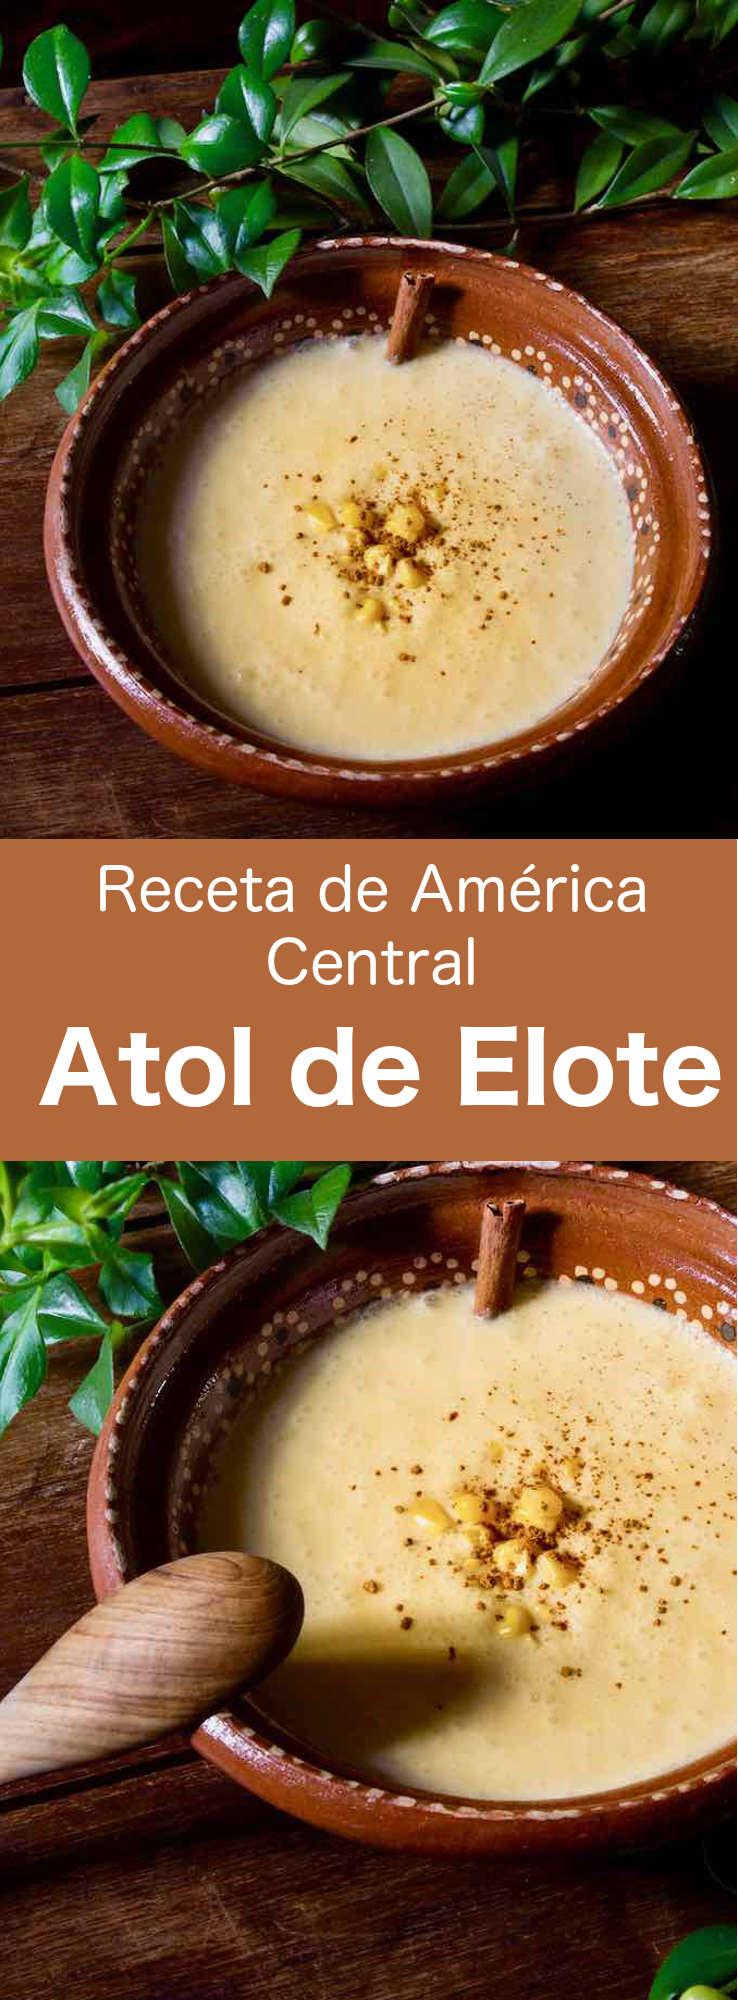 El atol de elote es una deliciosa bebida dulce hecha de maíz. Una creación de la civilización maya que ahora es popular en América Central.